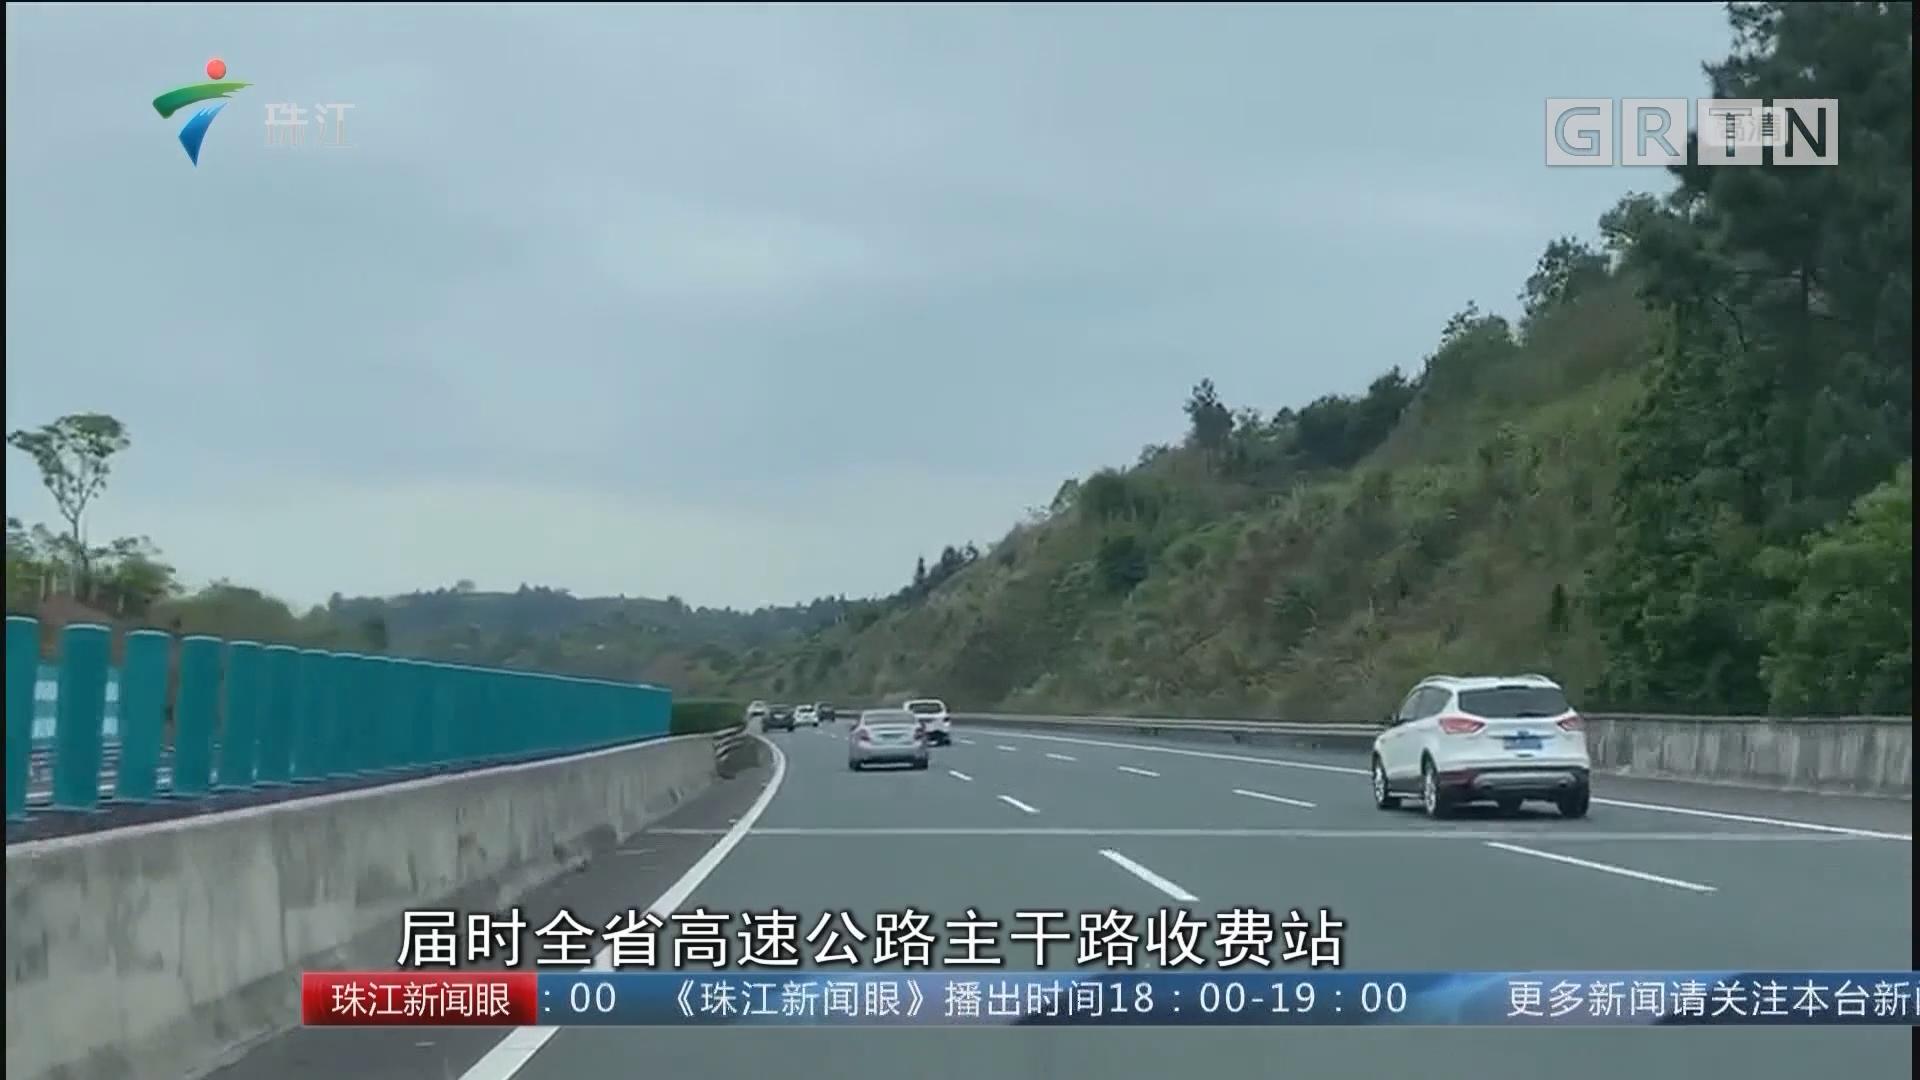 清明前夕:粤东方向高速行车情况